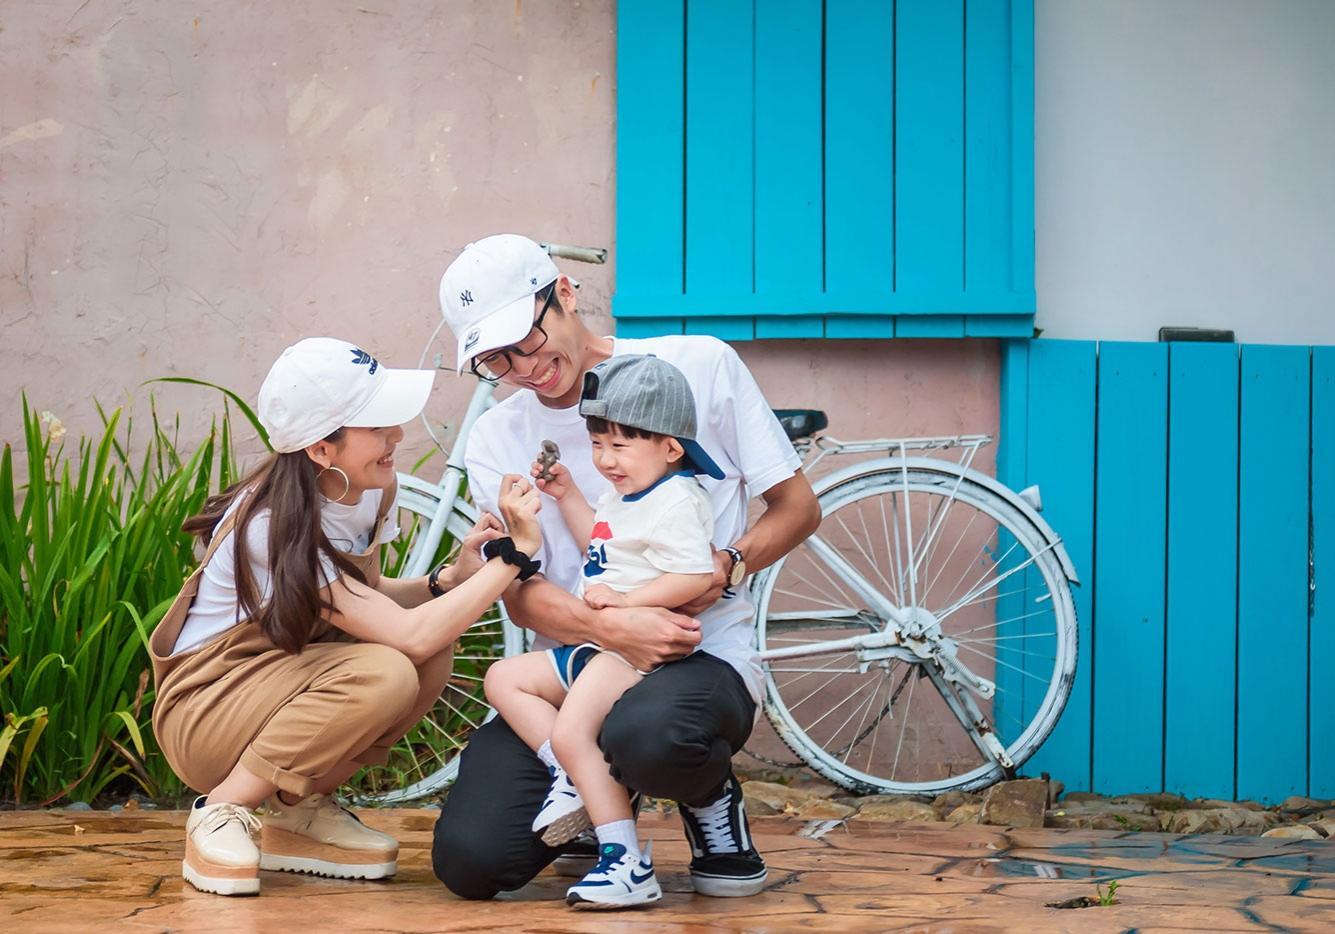 親子互動 親子時光 中部親子寫真 親子攝影 甜蜜印象親子寫真